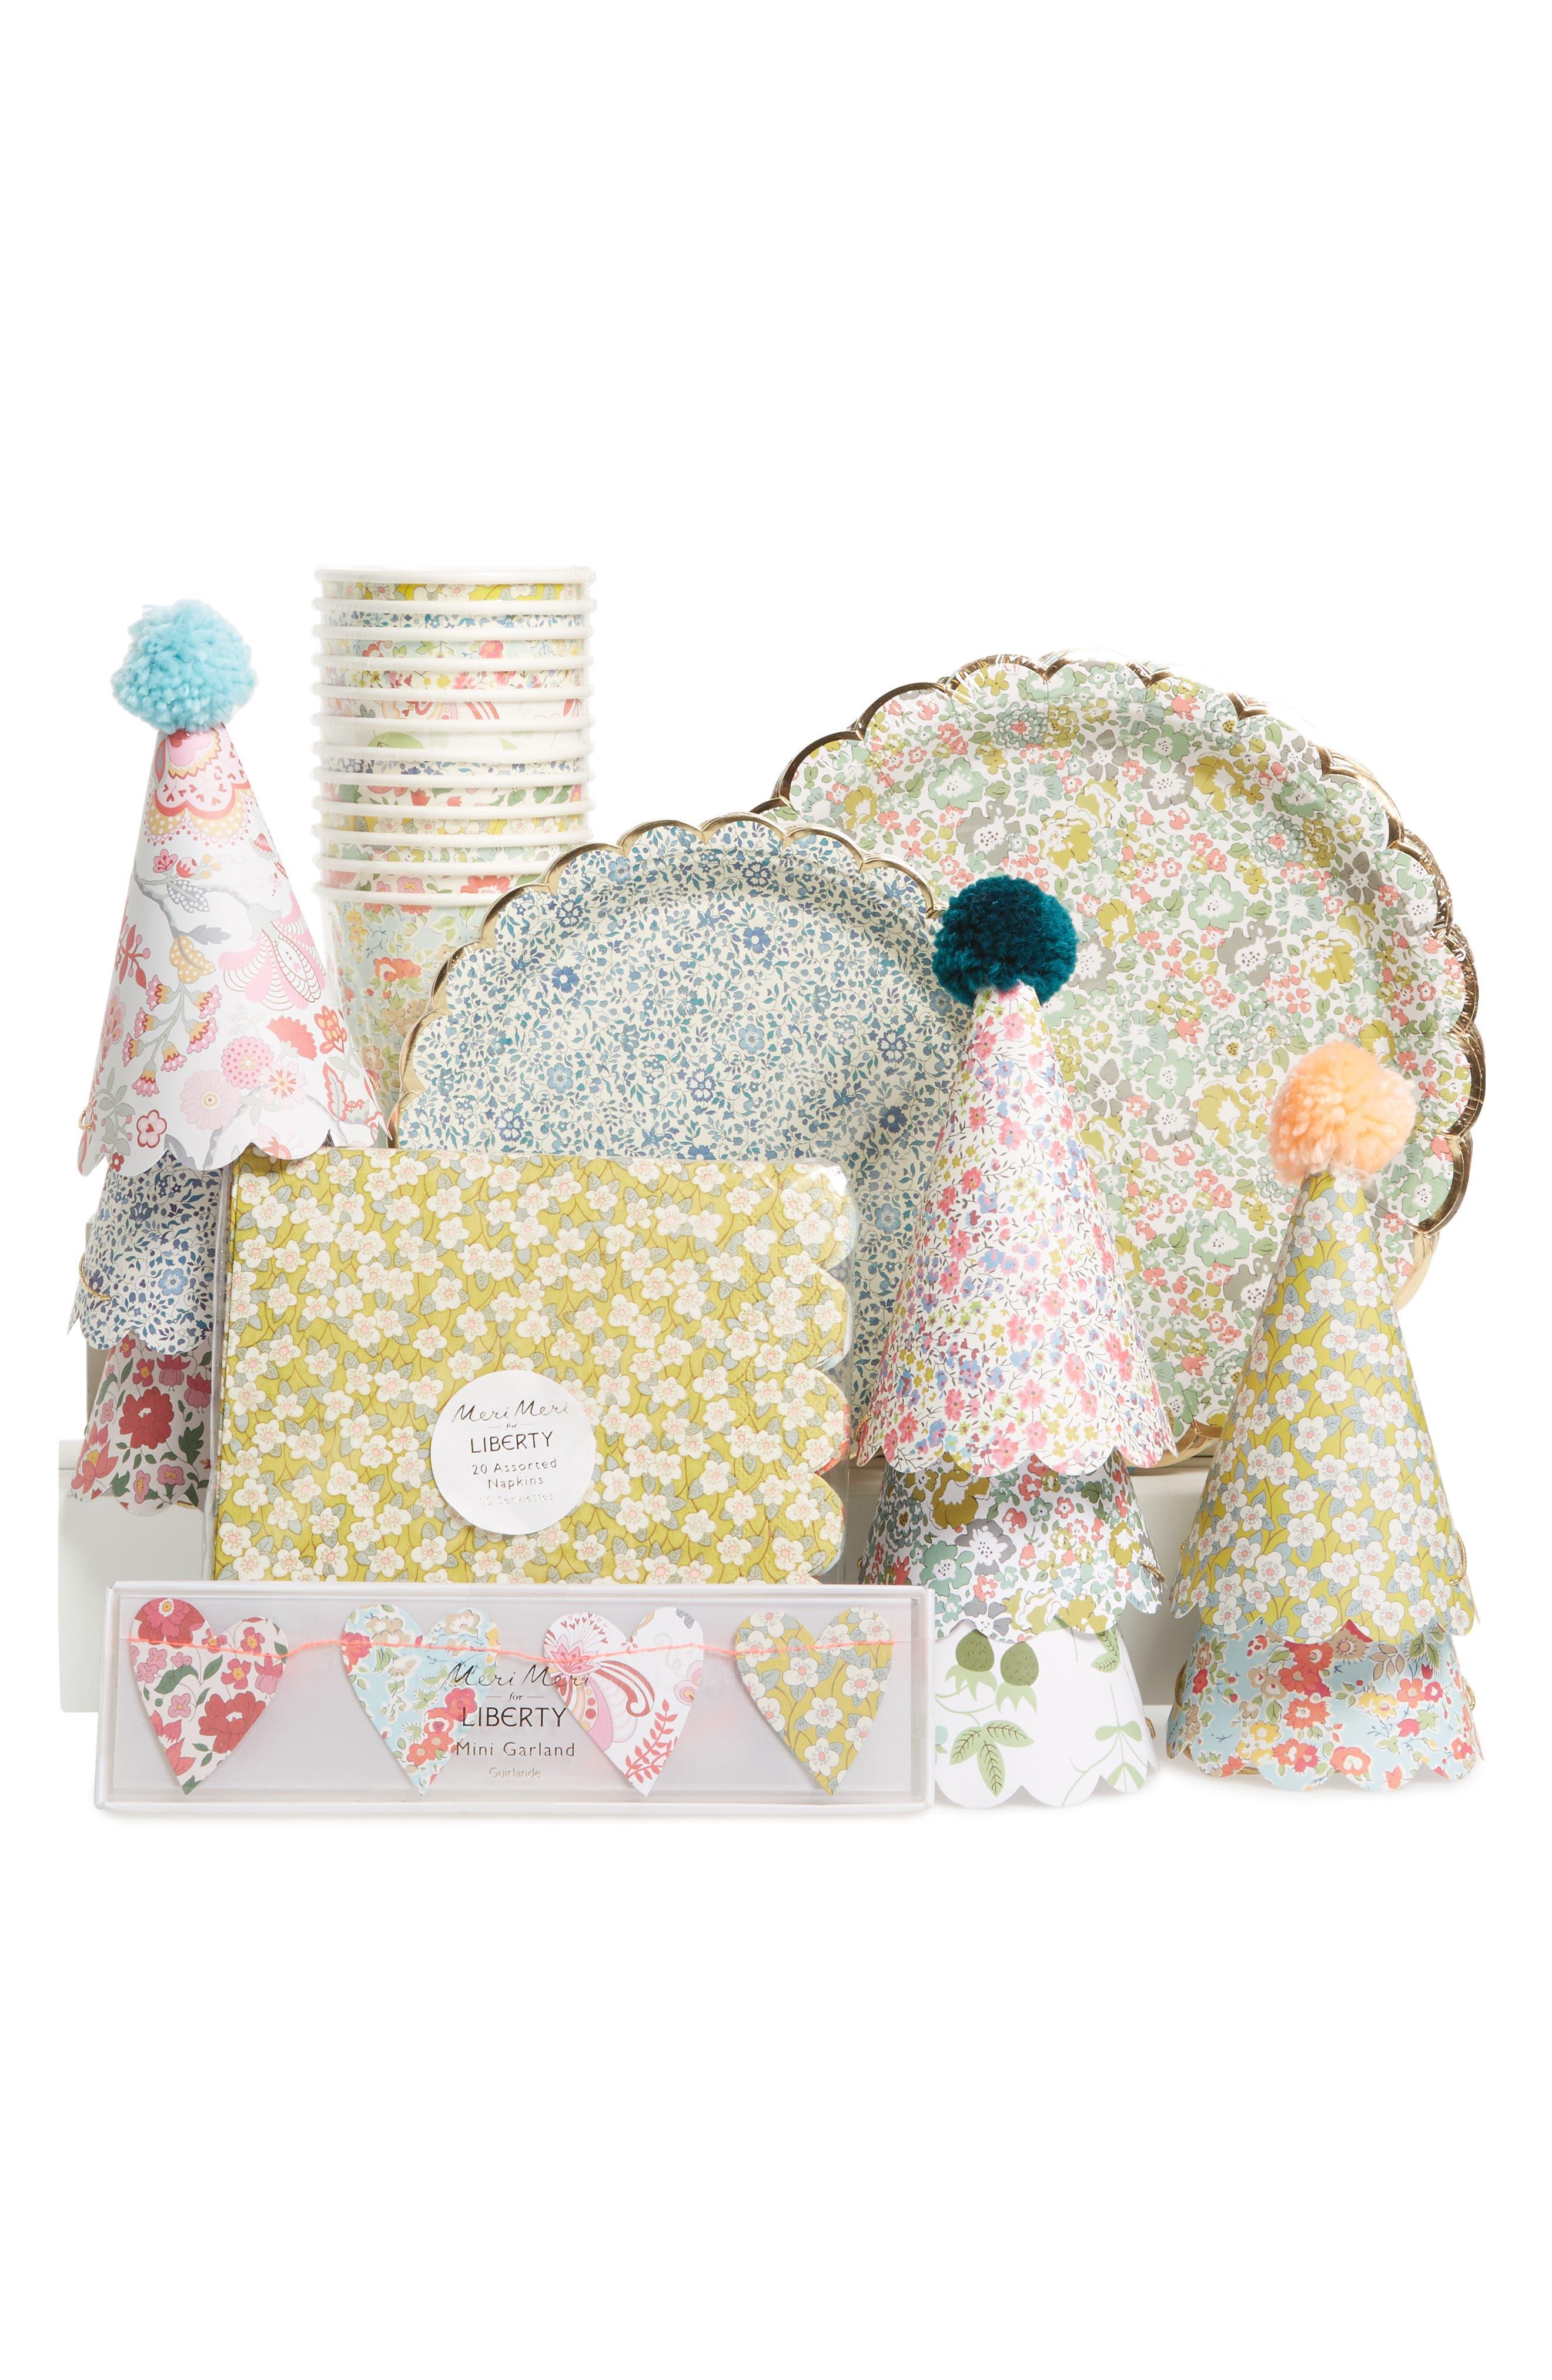 x Liberty Decoration Party Bundle,                             Main thumbnail 1, color,                             White Multi